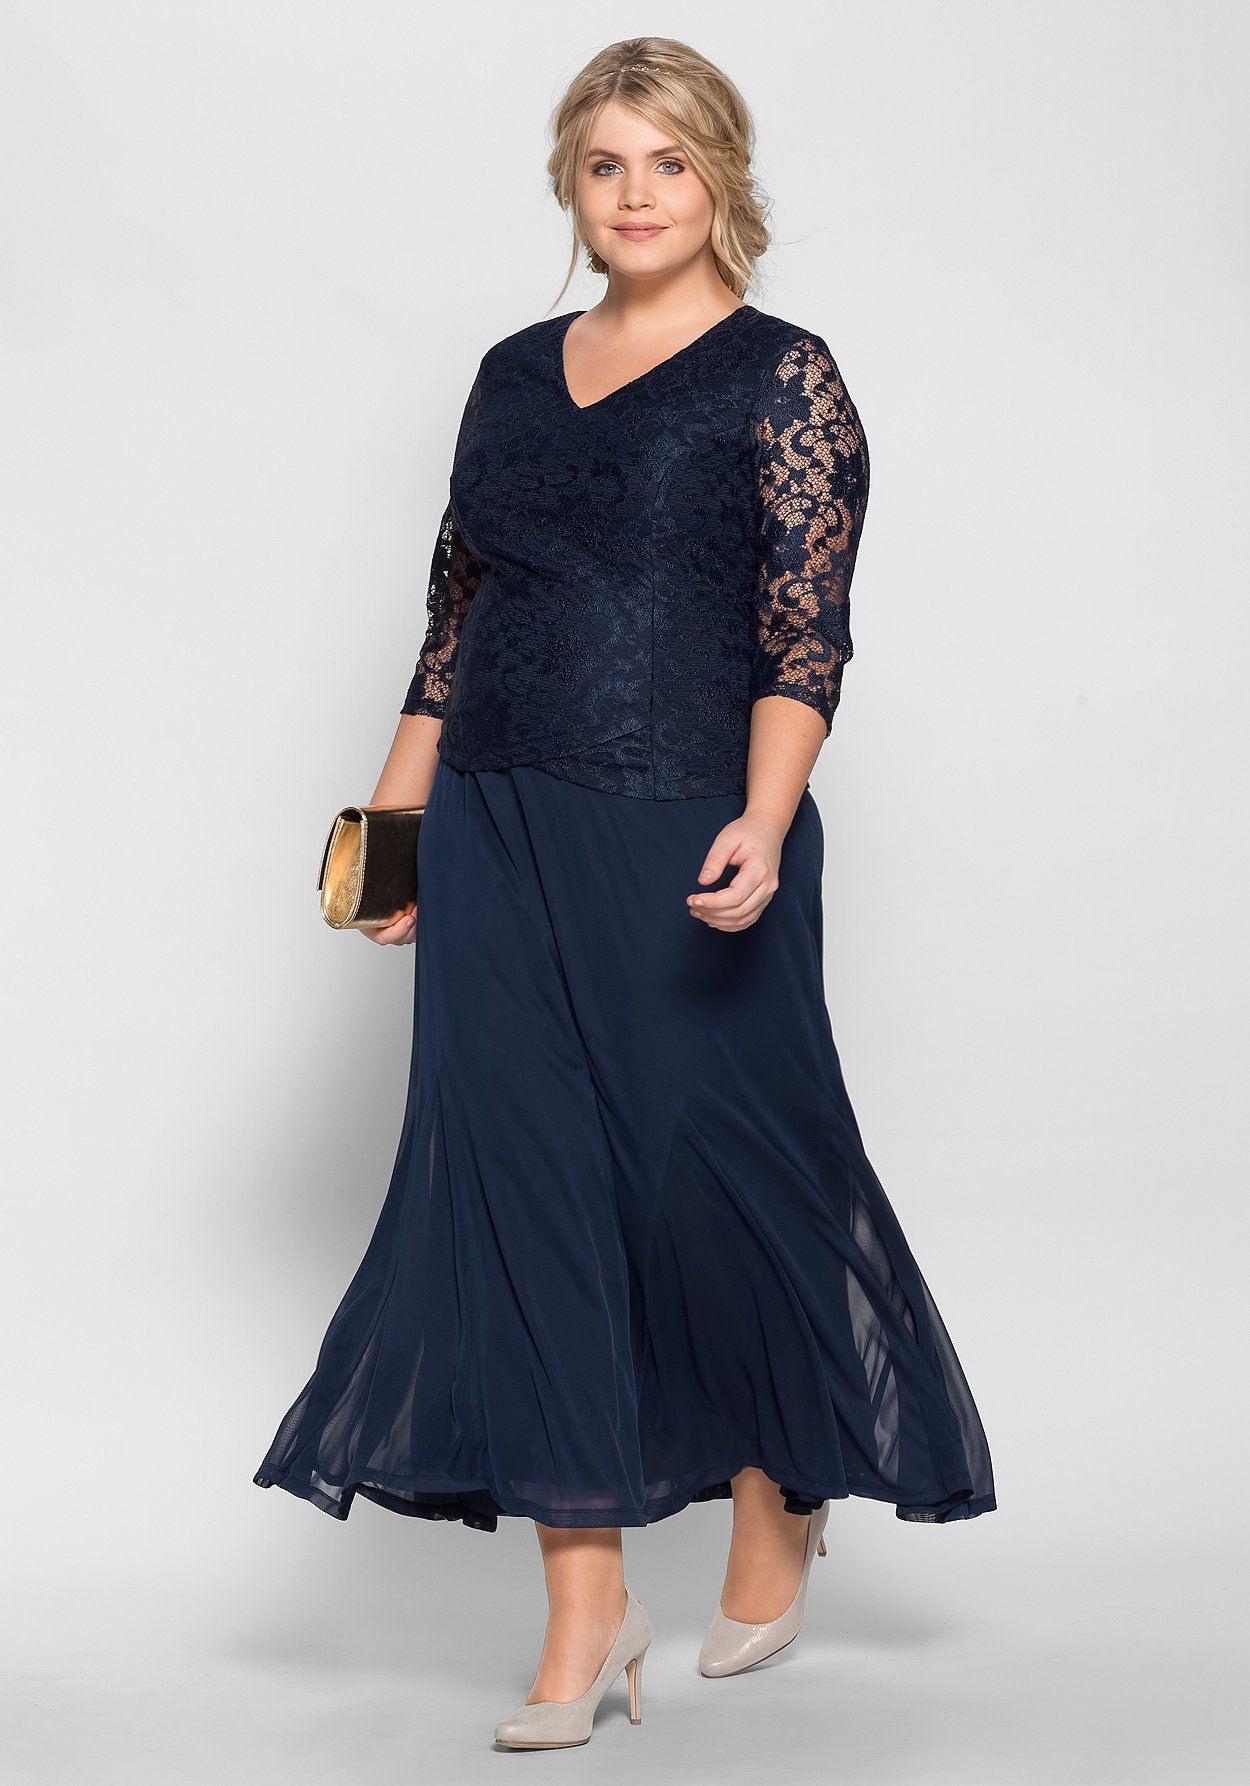 20 Einfach Abendkleider Xxl Online Bestellen BoutiqueFormal Ausgezeichnet Abendkleider Xxl Online Bestellen Bester Preis